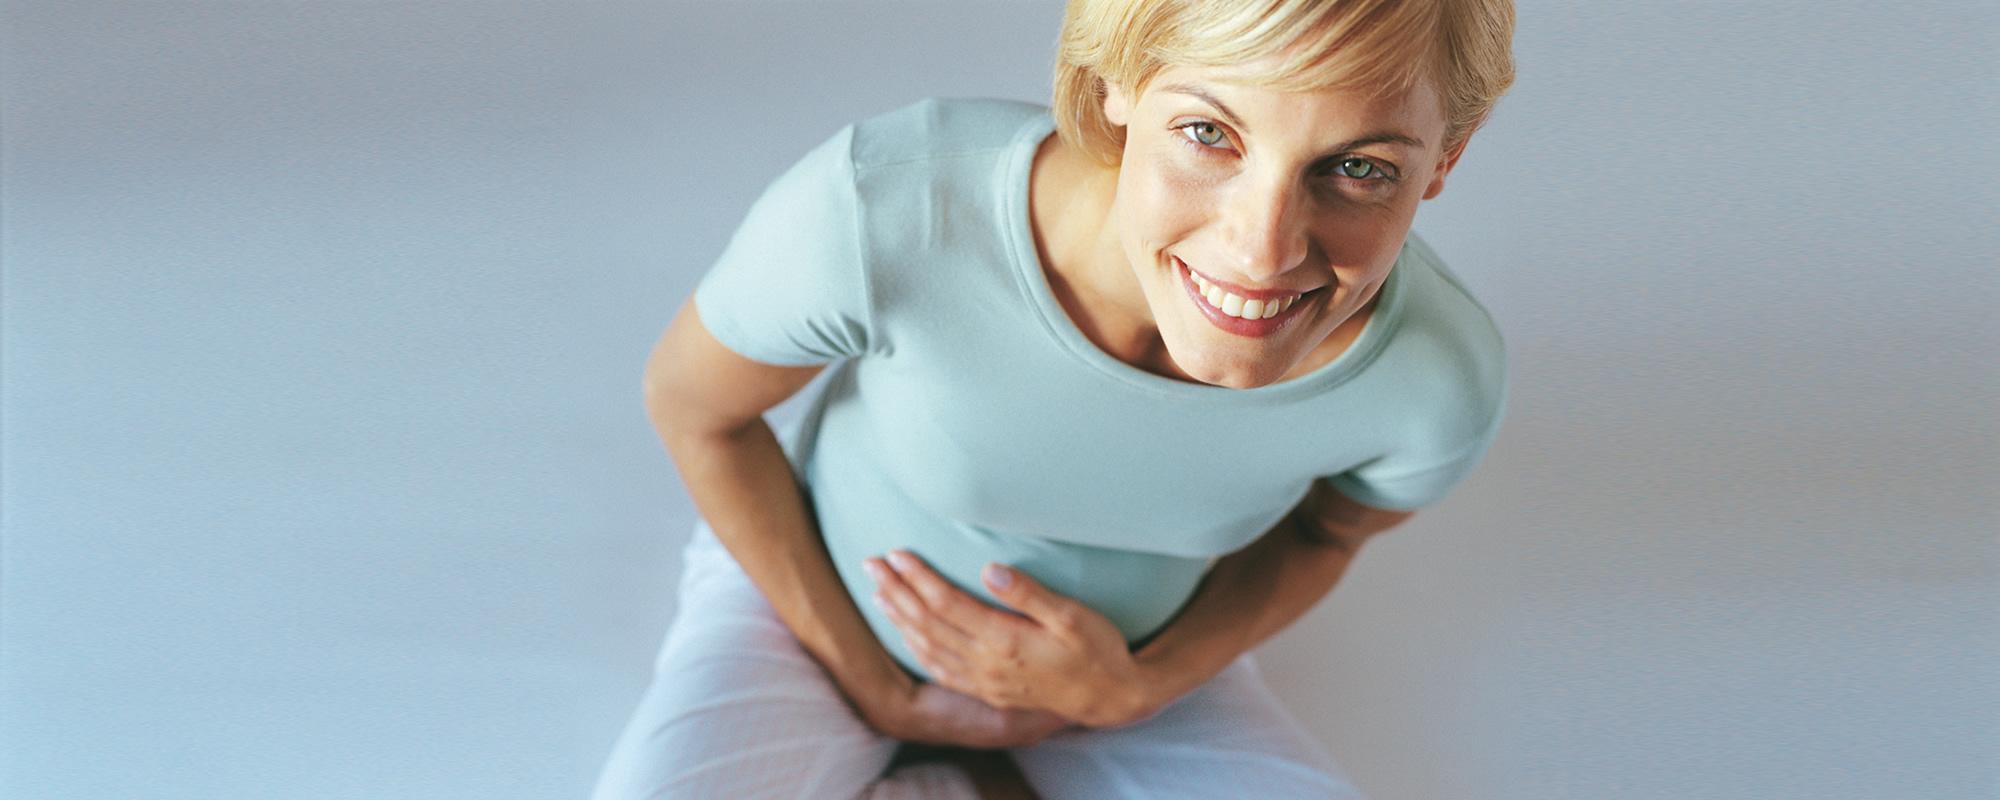 Medicina Fetal-<span>Personalizada y de Precisión</span>